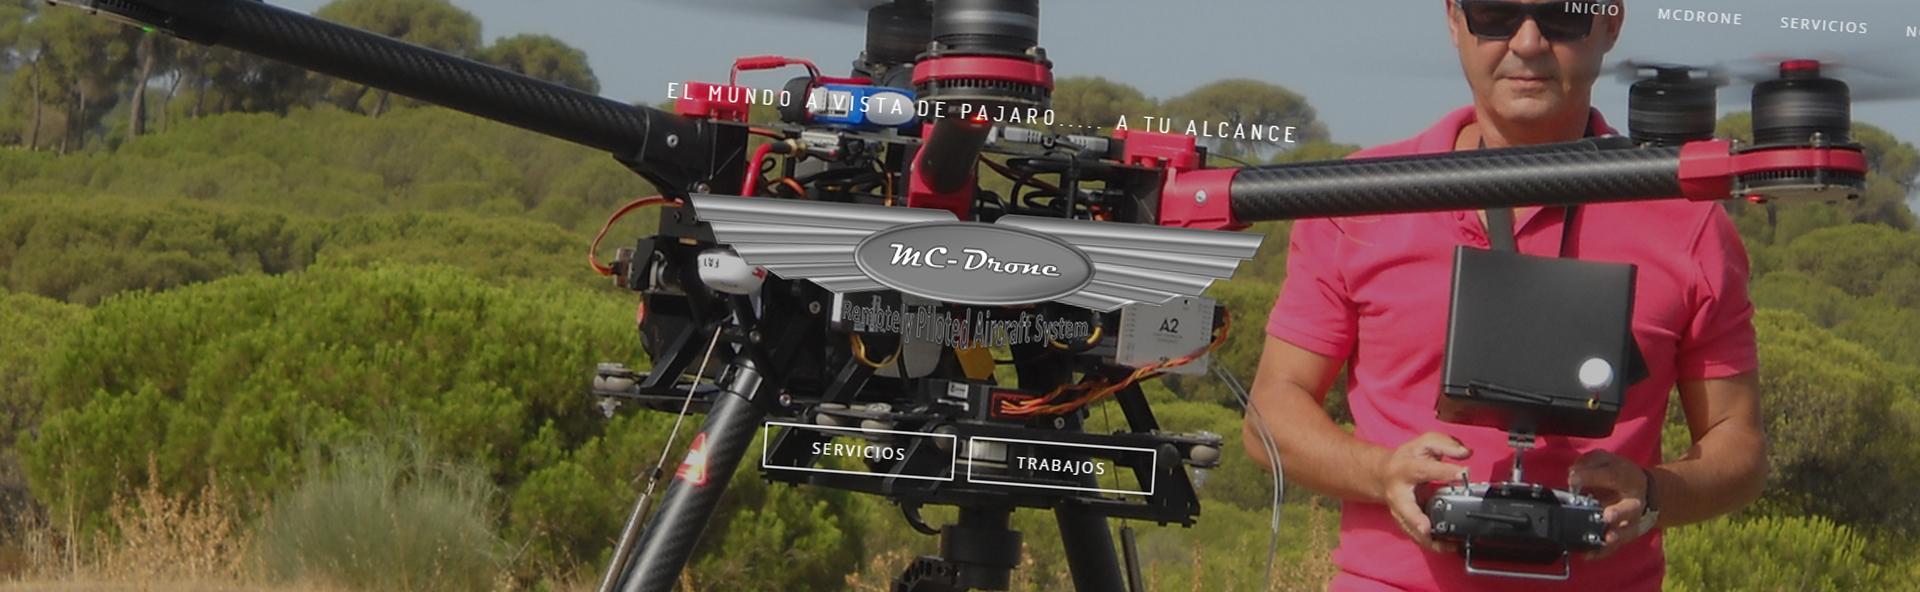 Detalle de página web MD-Drone